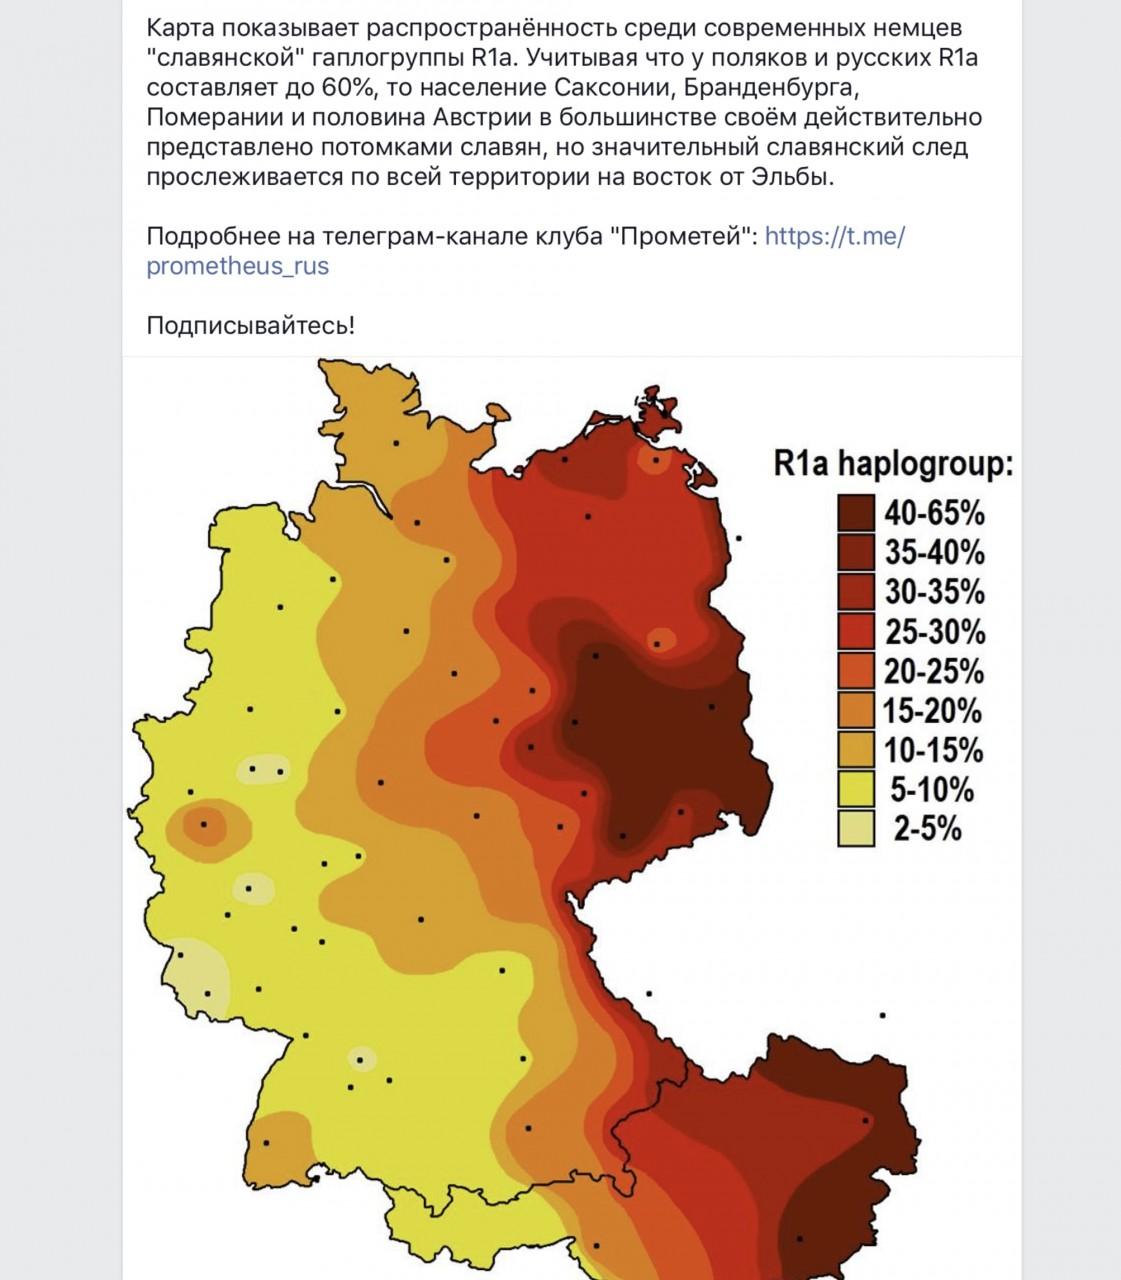 """Карта распространенности """"славянской"""" гаплогруппы среди современных немцев"""